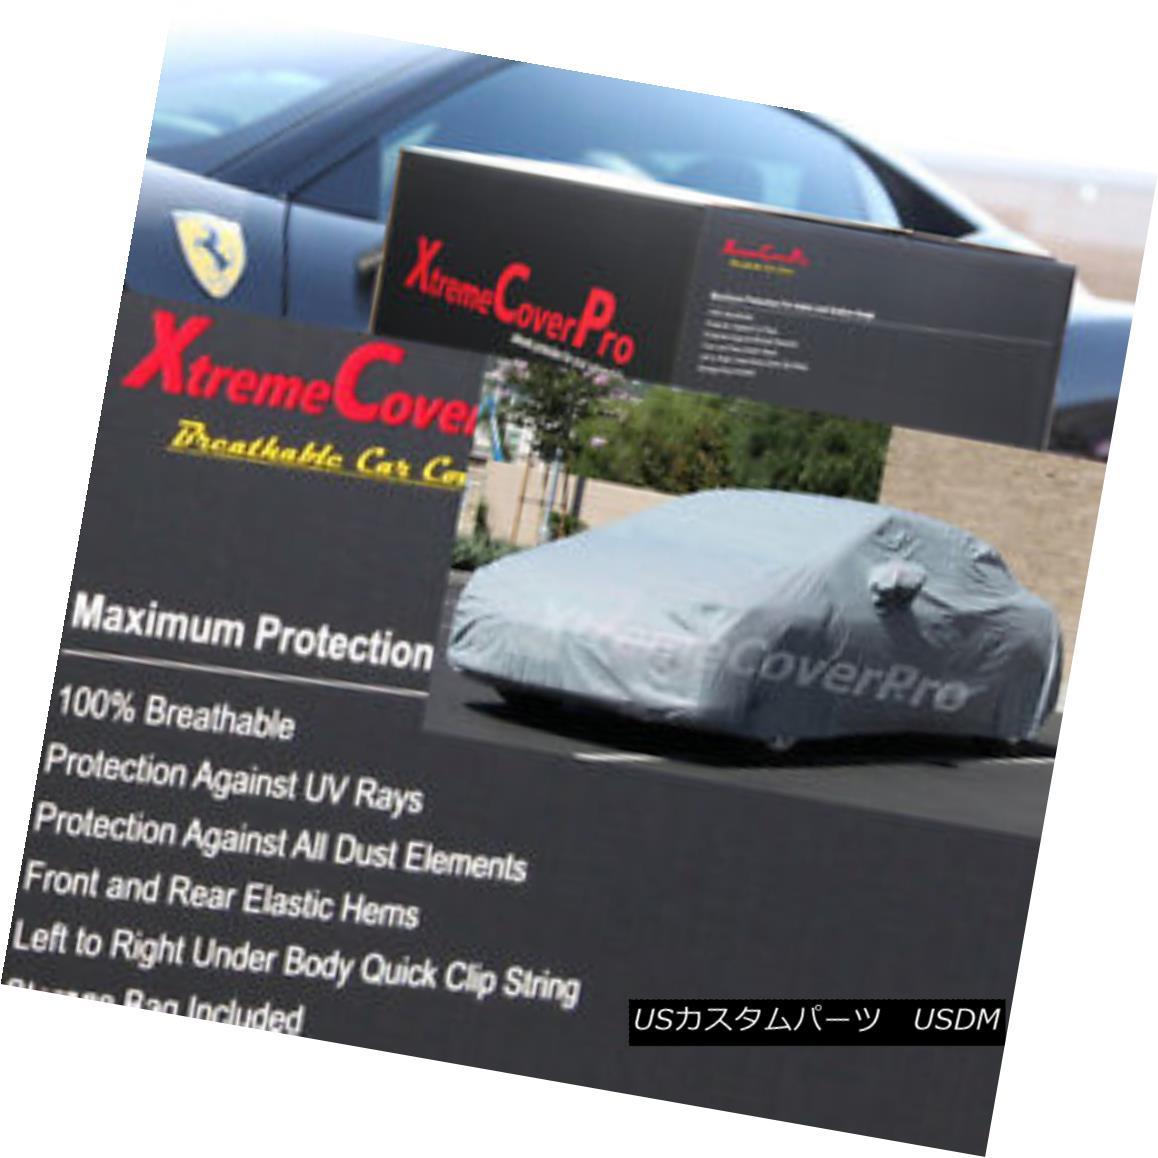 カーカバー 2014 FIAT 500L Breathable Car Cover w/ Mirror Pocket 2014 FIAT 500L通気性のある車カバー付き/ミラーポケット